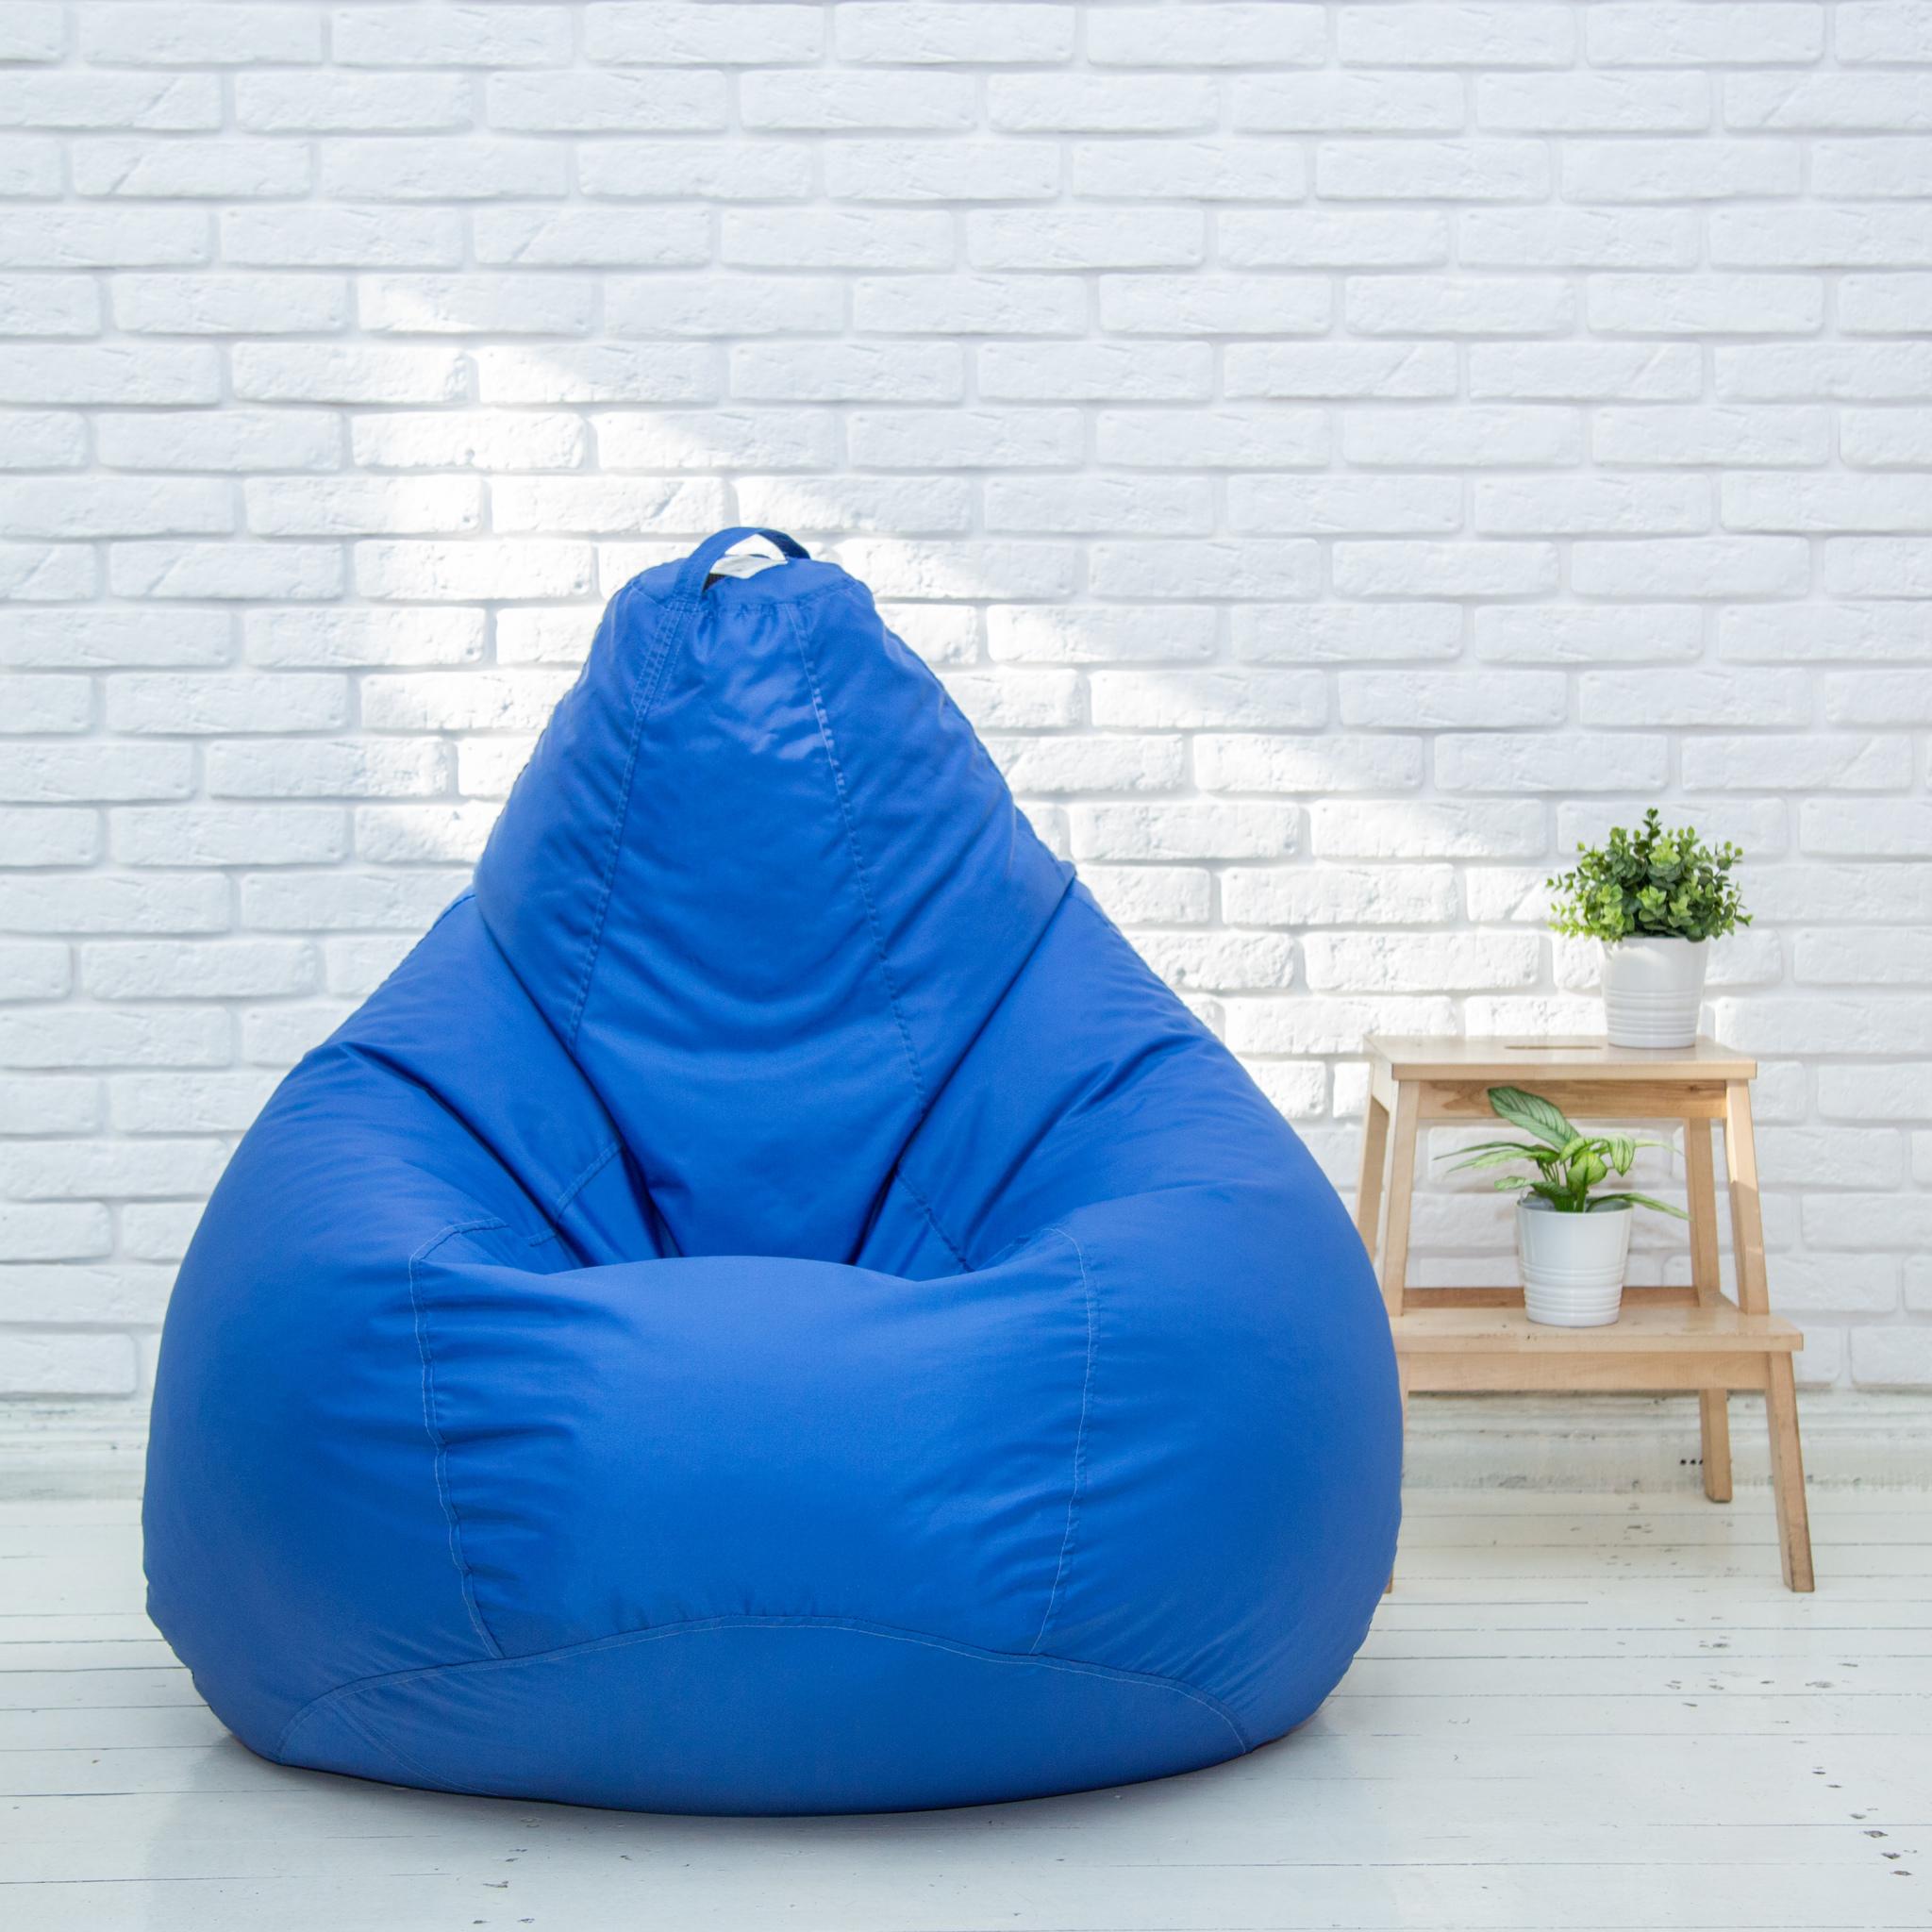 Груша XL плащёвка, несъёмный чехол (синяя)